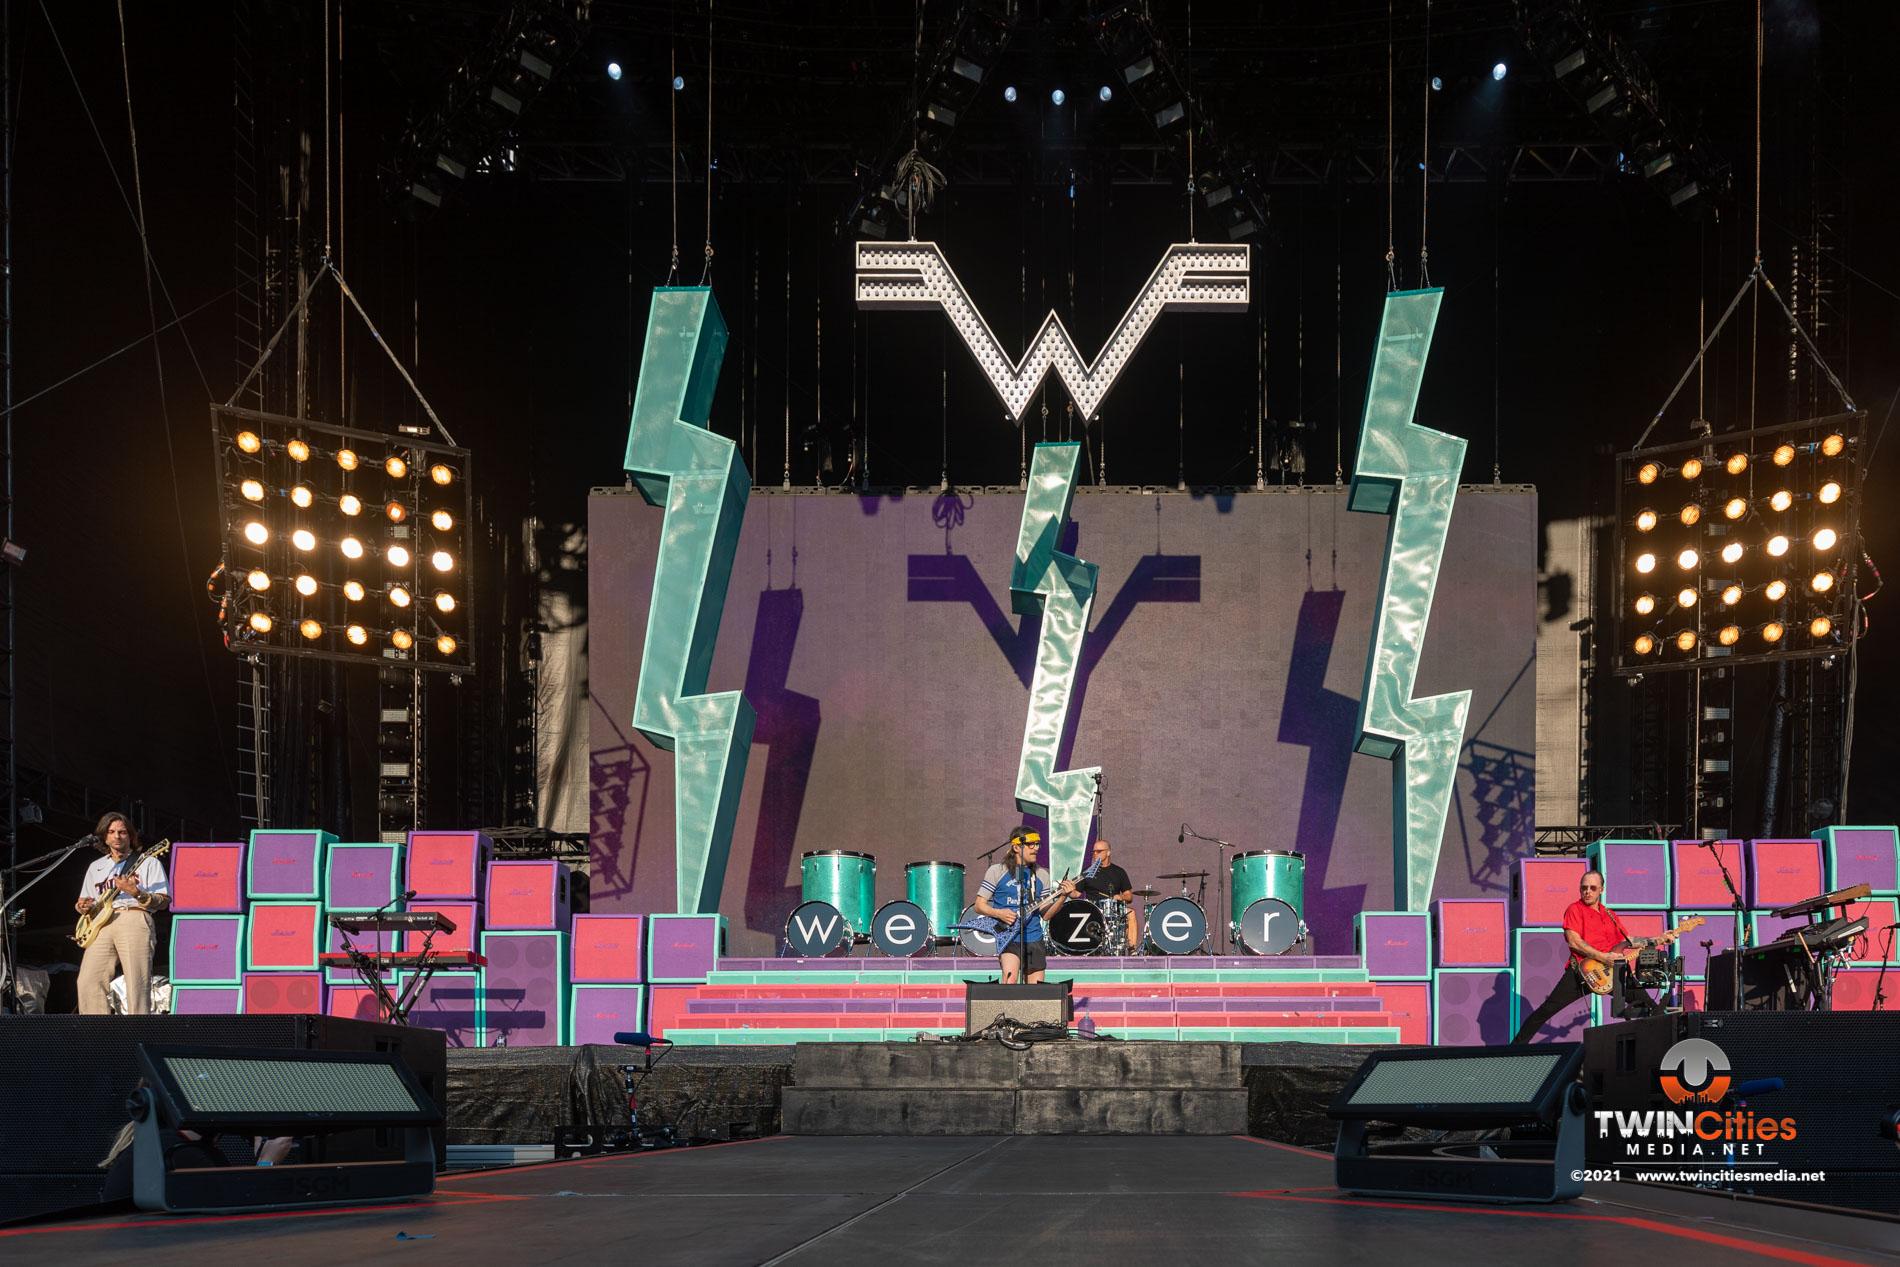 Weezer-01